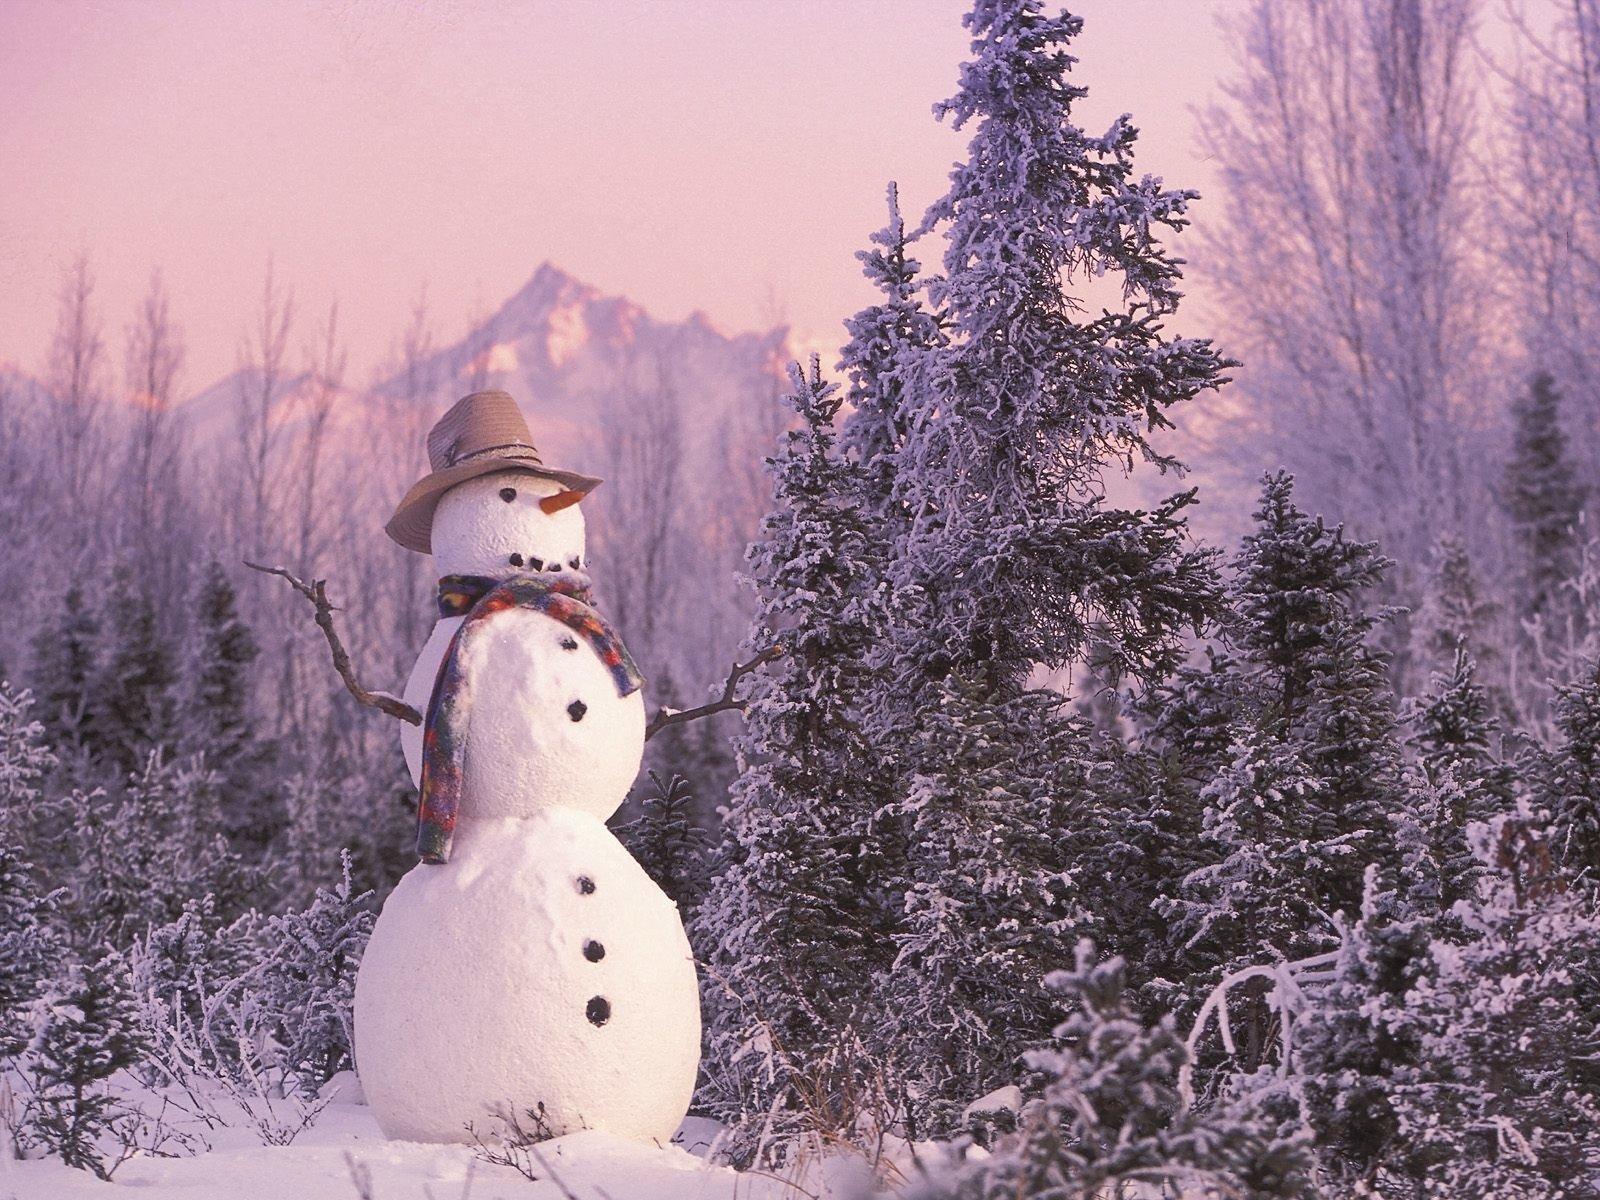 Photography - Snowman  Winter Wallpaper